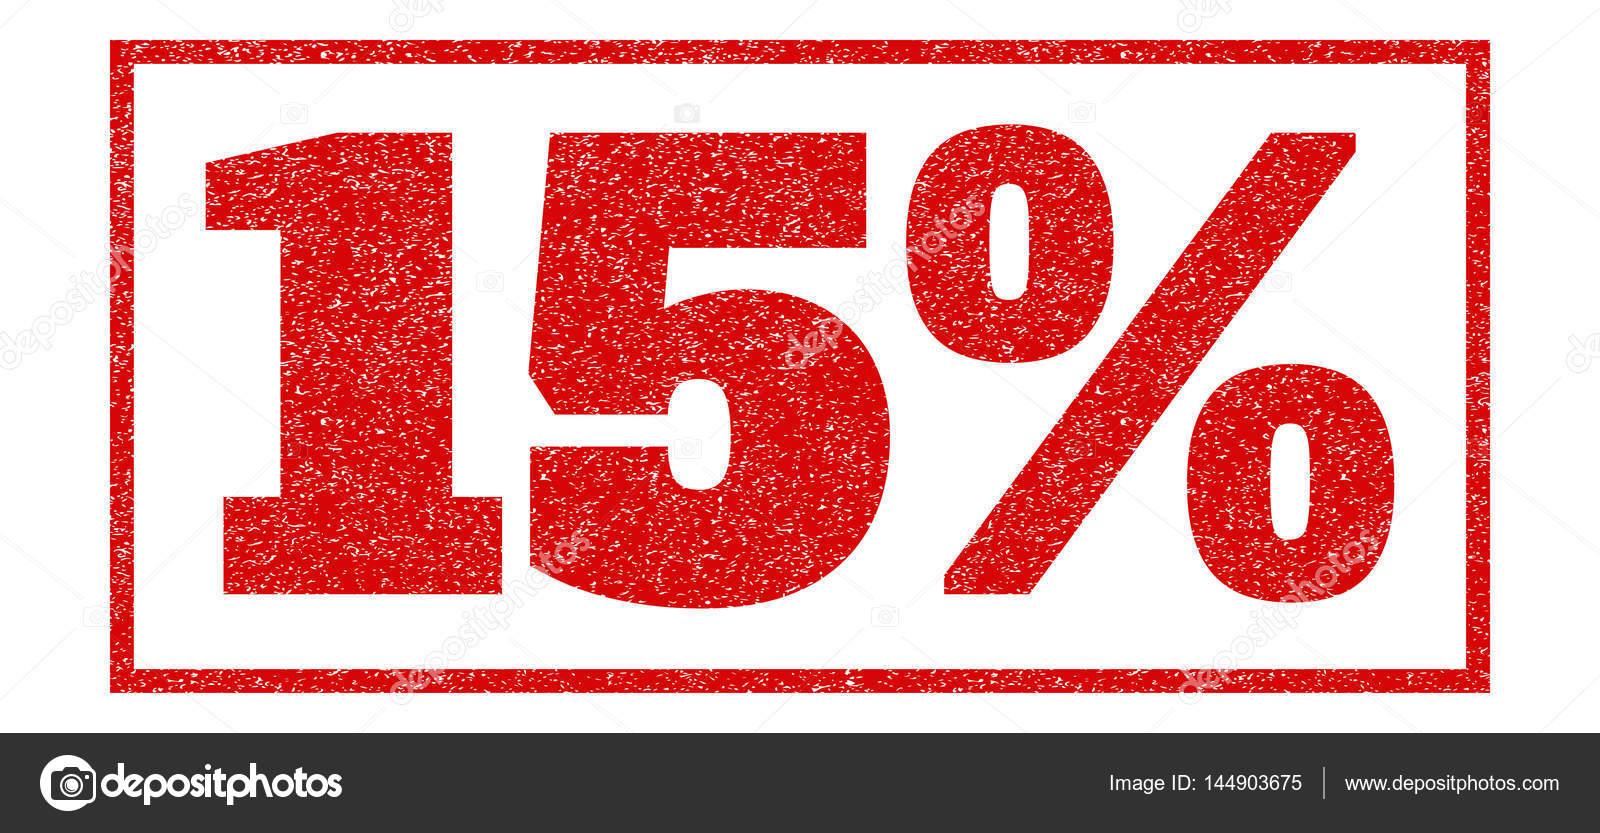 红色的橡皮印章加盖 15%文本.矢量标记内的矩形形状.